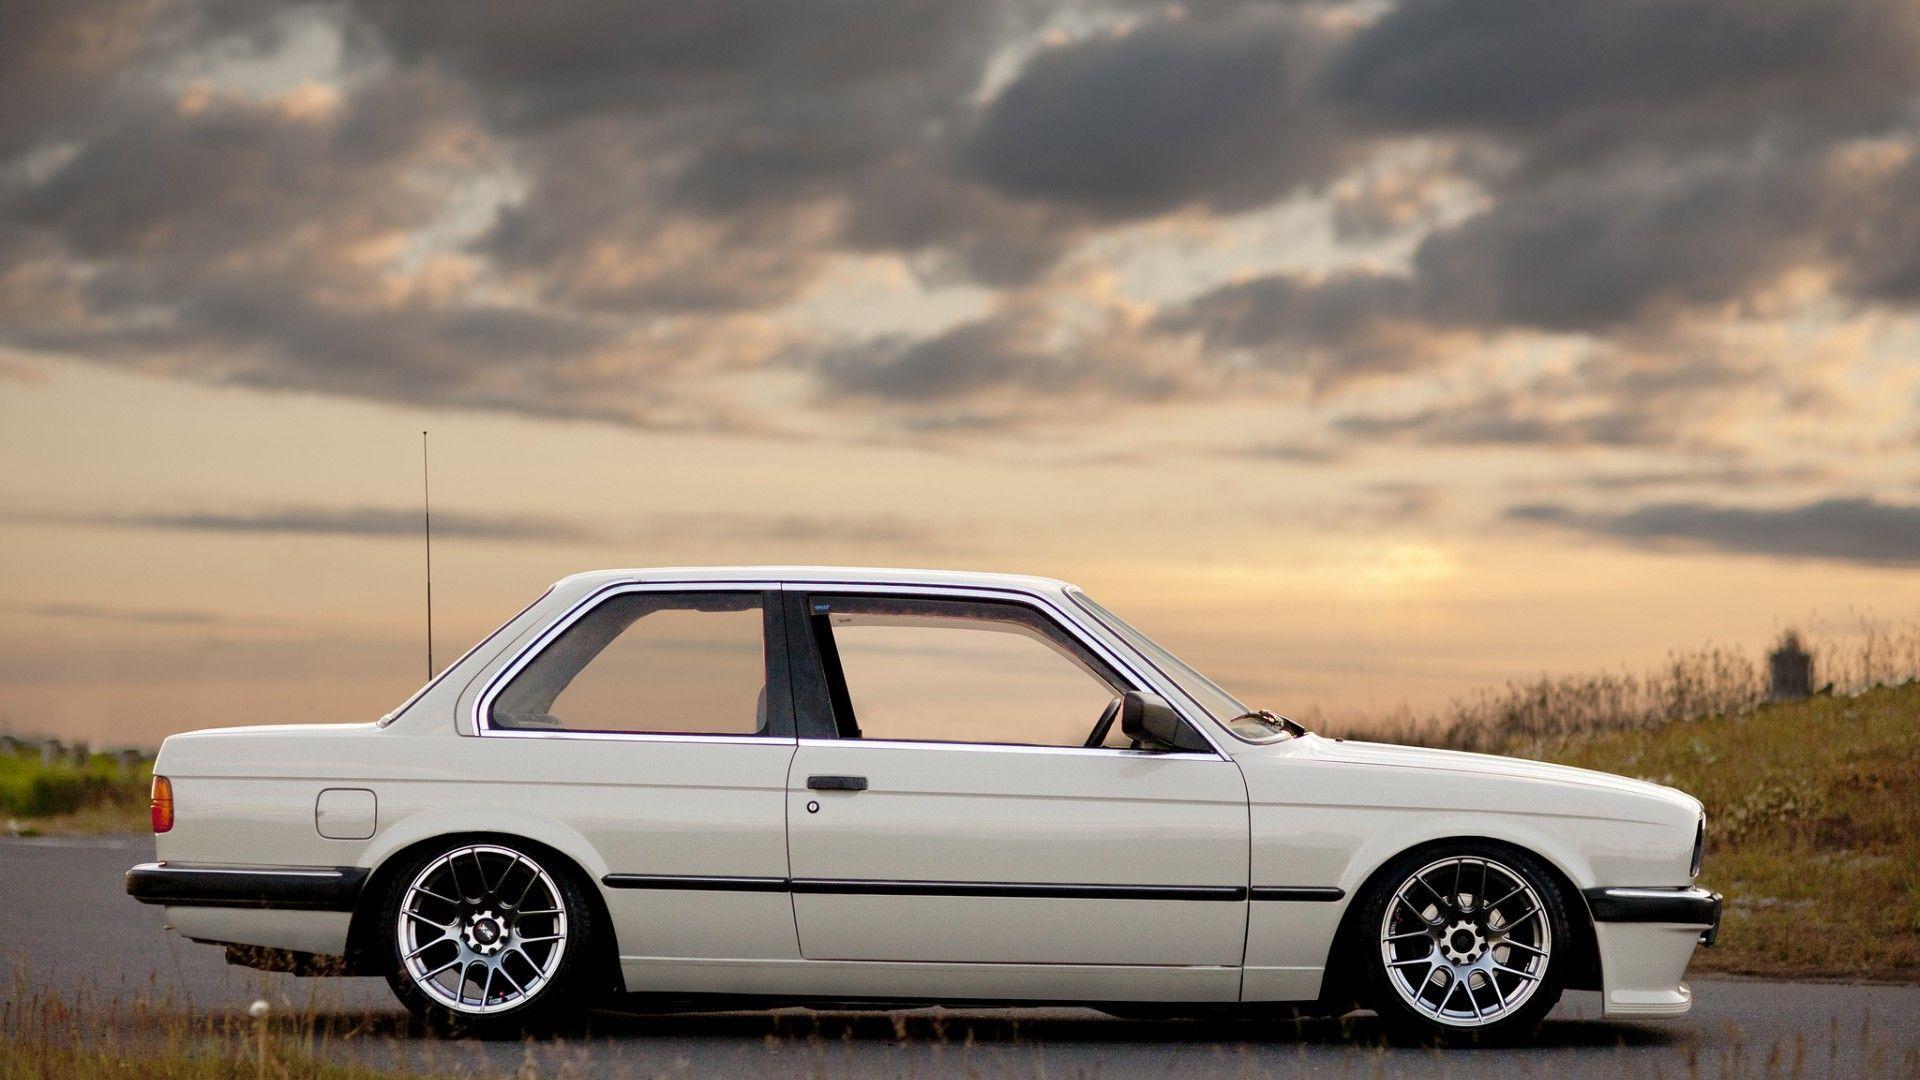 BMW E30 Wallpaper 25